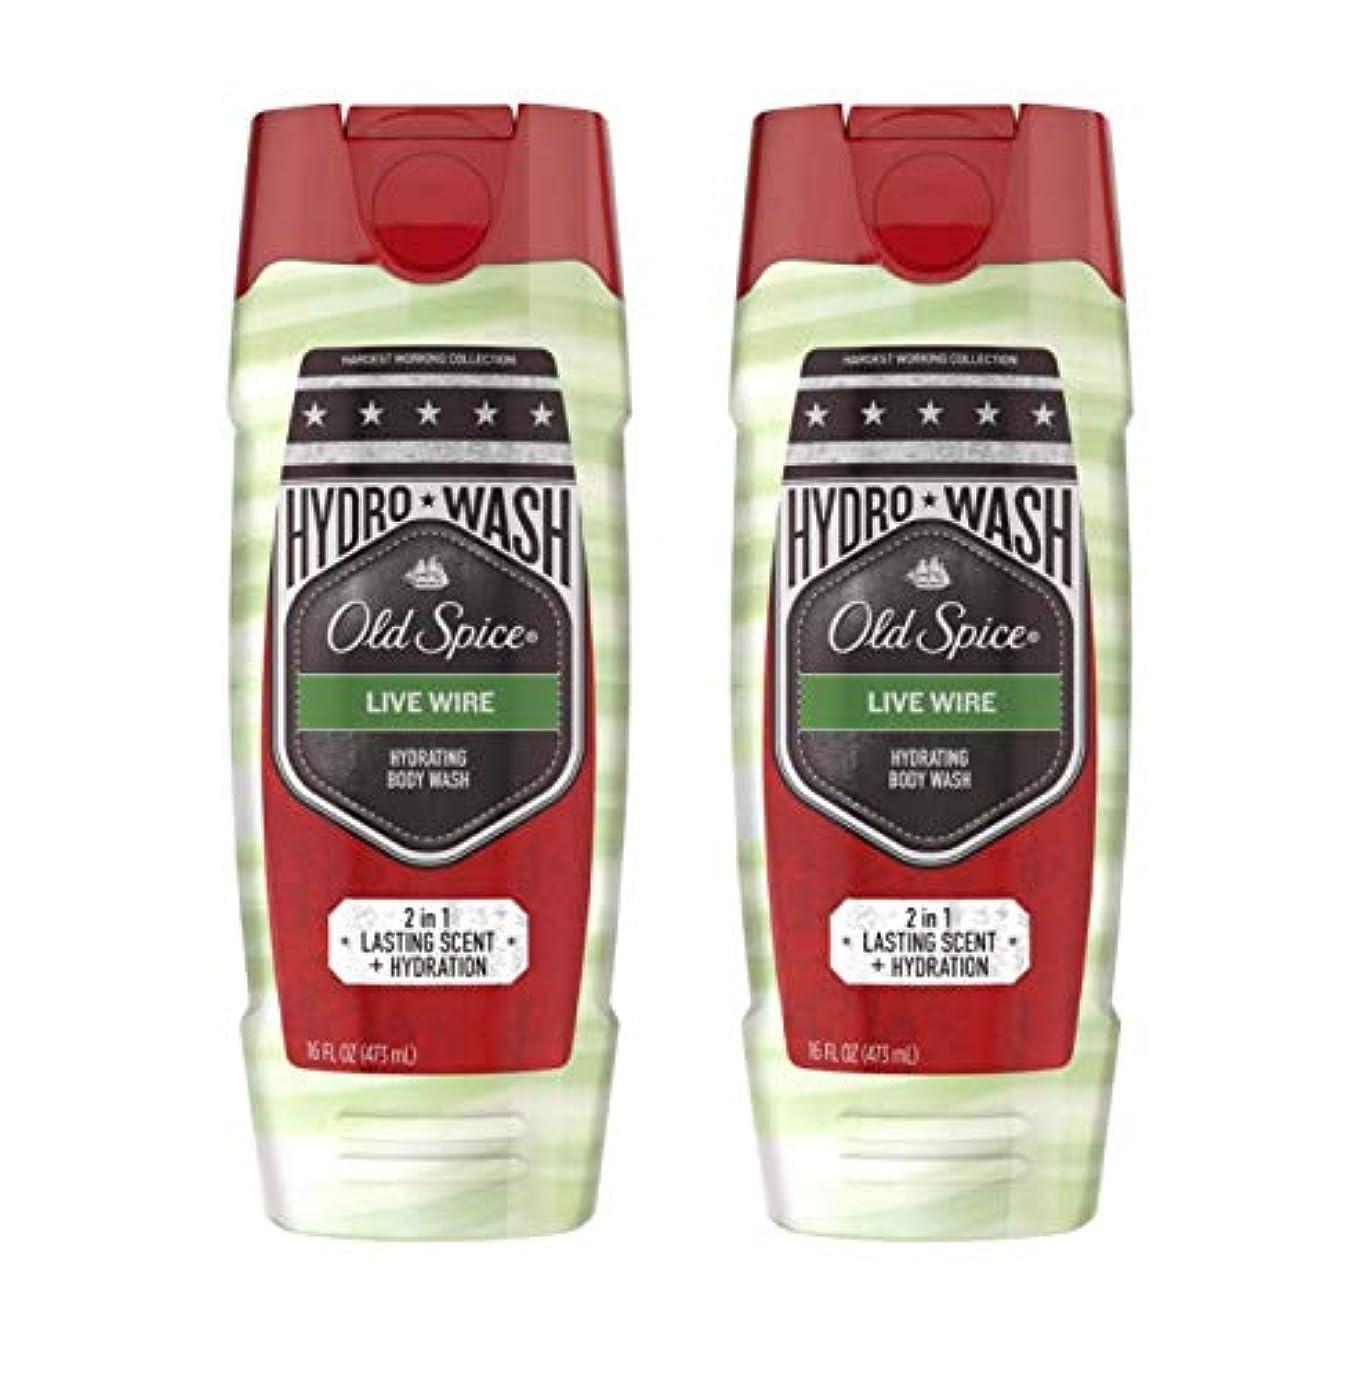 超える途方もないウォルターカニンガムOld Spíce オールドスパイスハイドレイティングボディウォッシュ - ハーデスト?ワーキングコレクション - ライブワイヤー - ネット重量。ボトルあたり16液量オンス(473 ml)を - 2本のボトルのパック